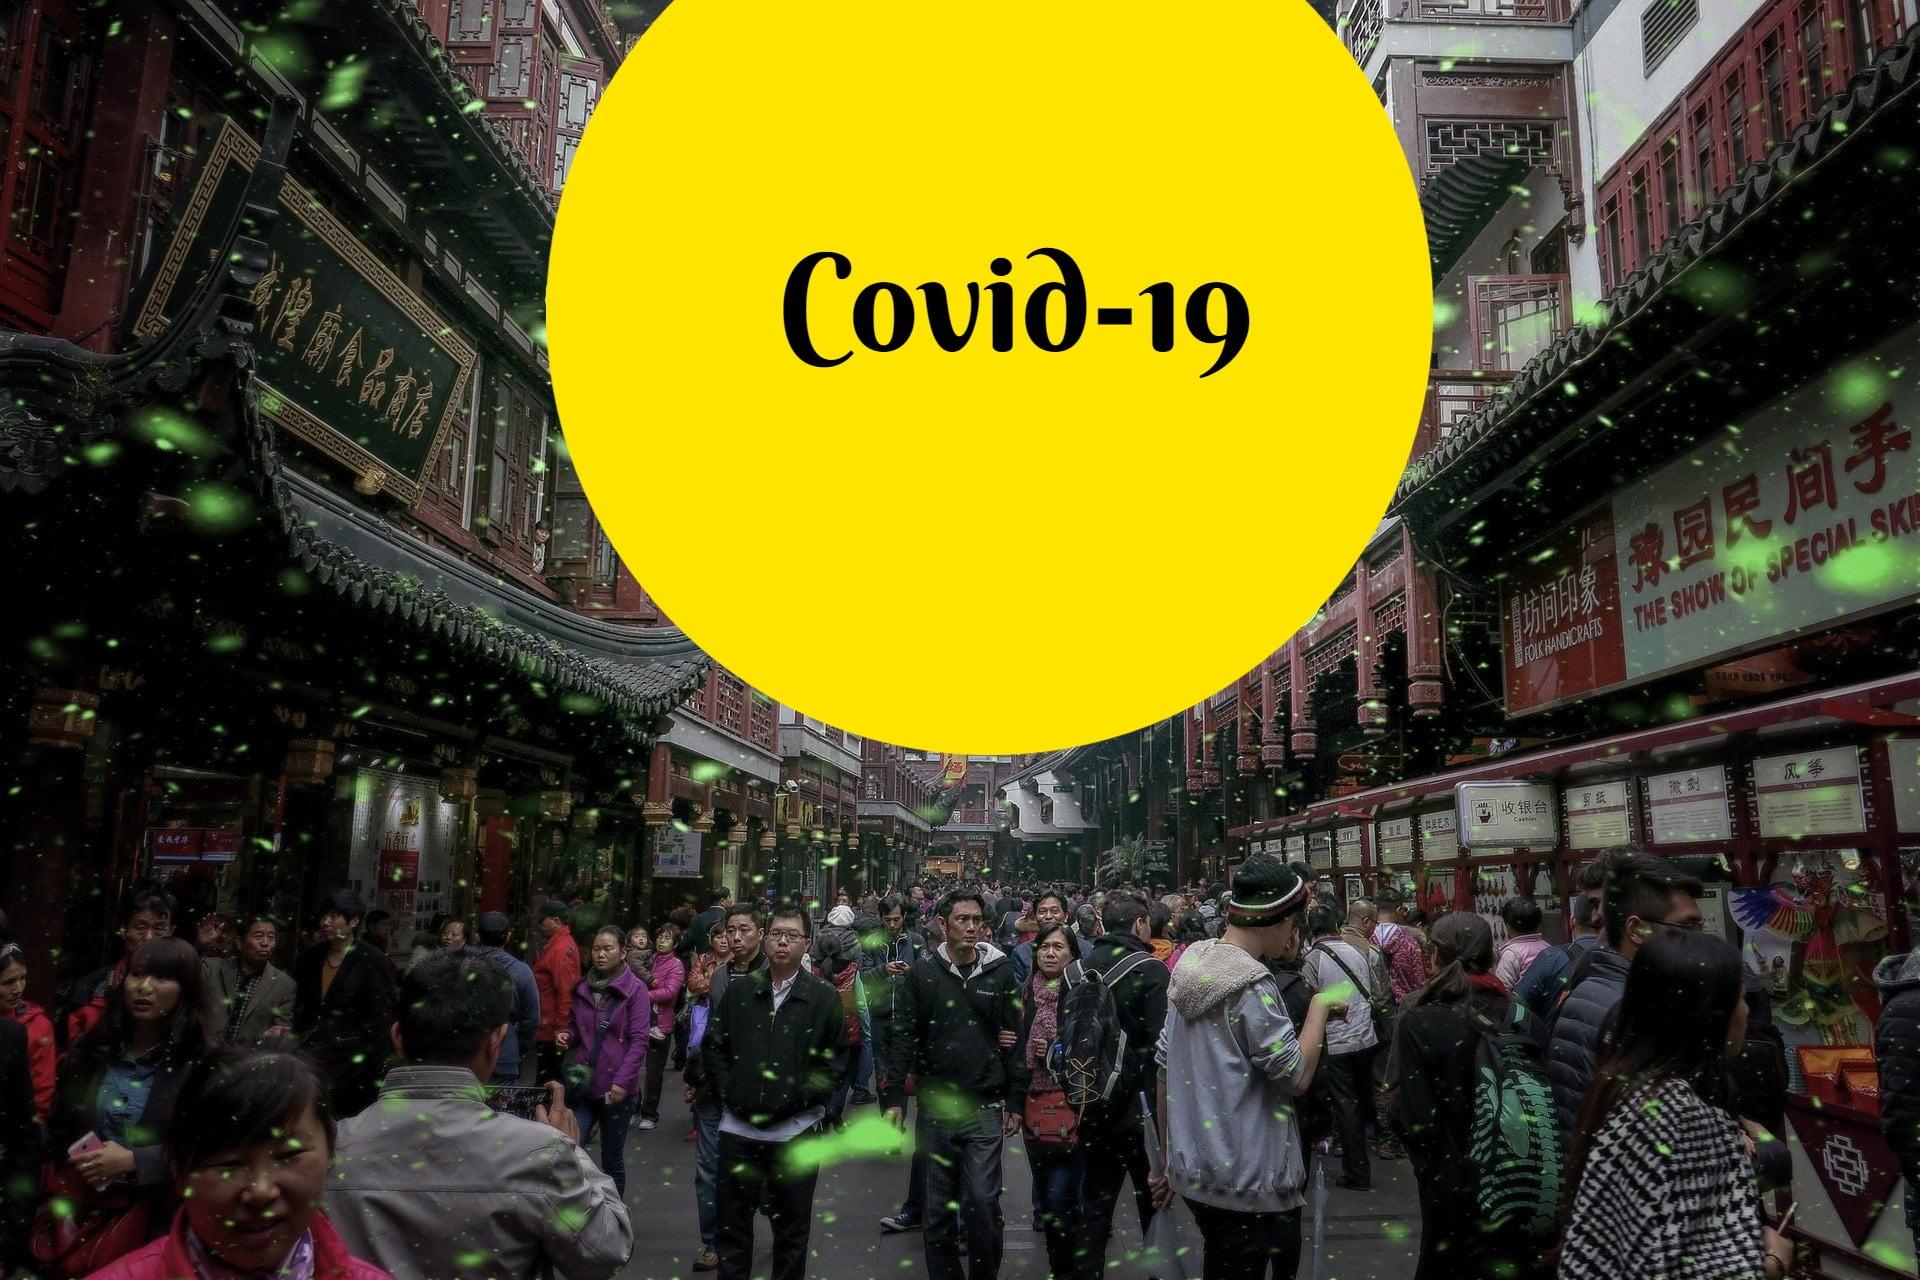 Havalar Isınırsa Korona Virüste (Covid-19) Değişim Olur Mu?